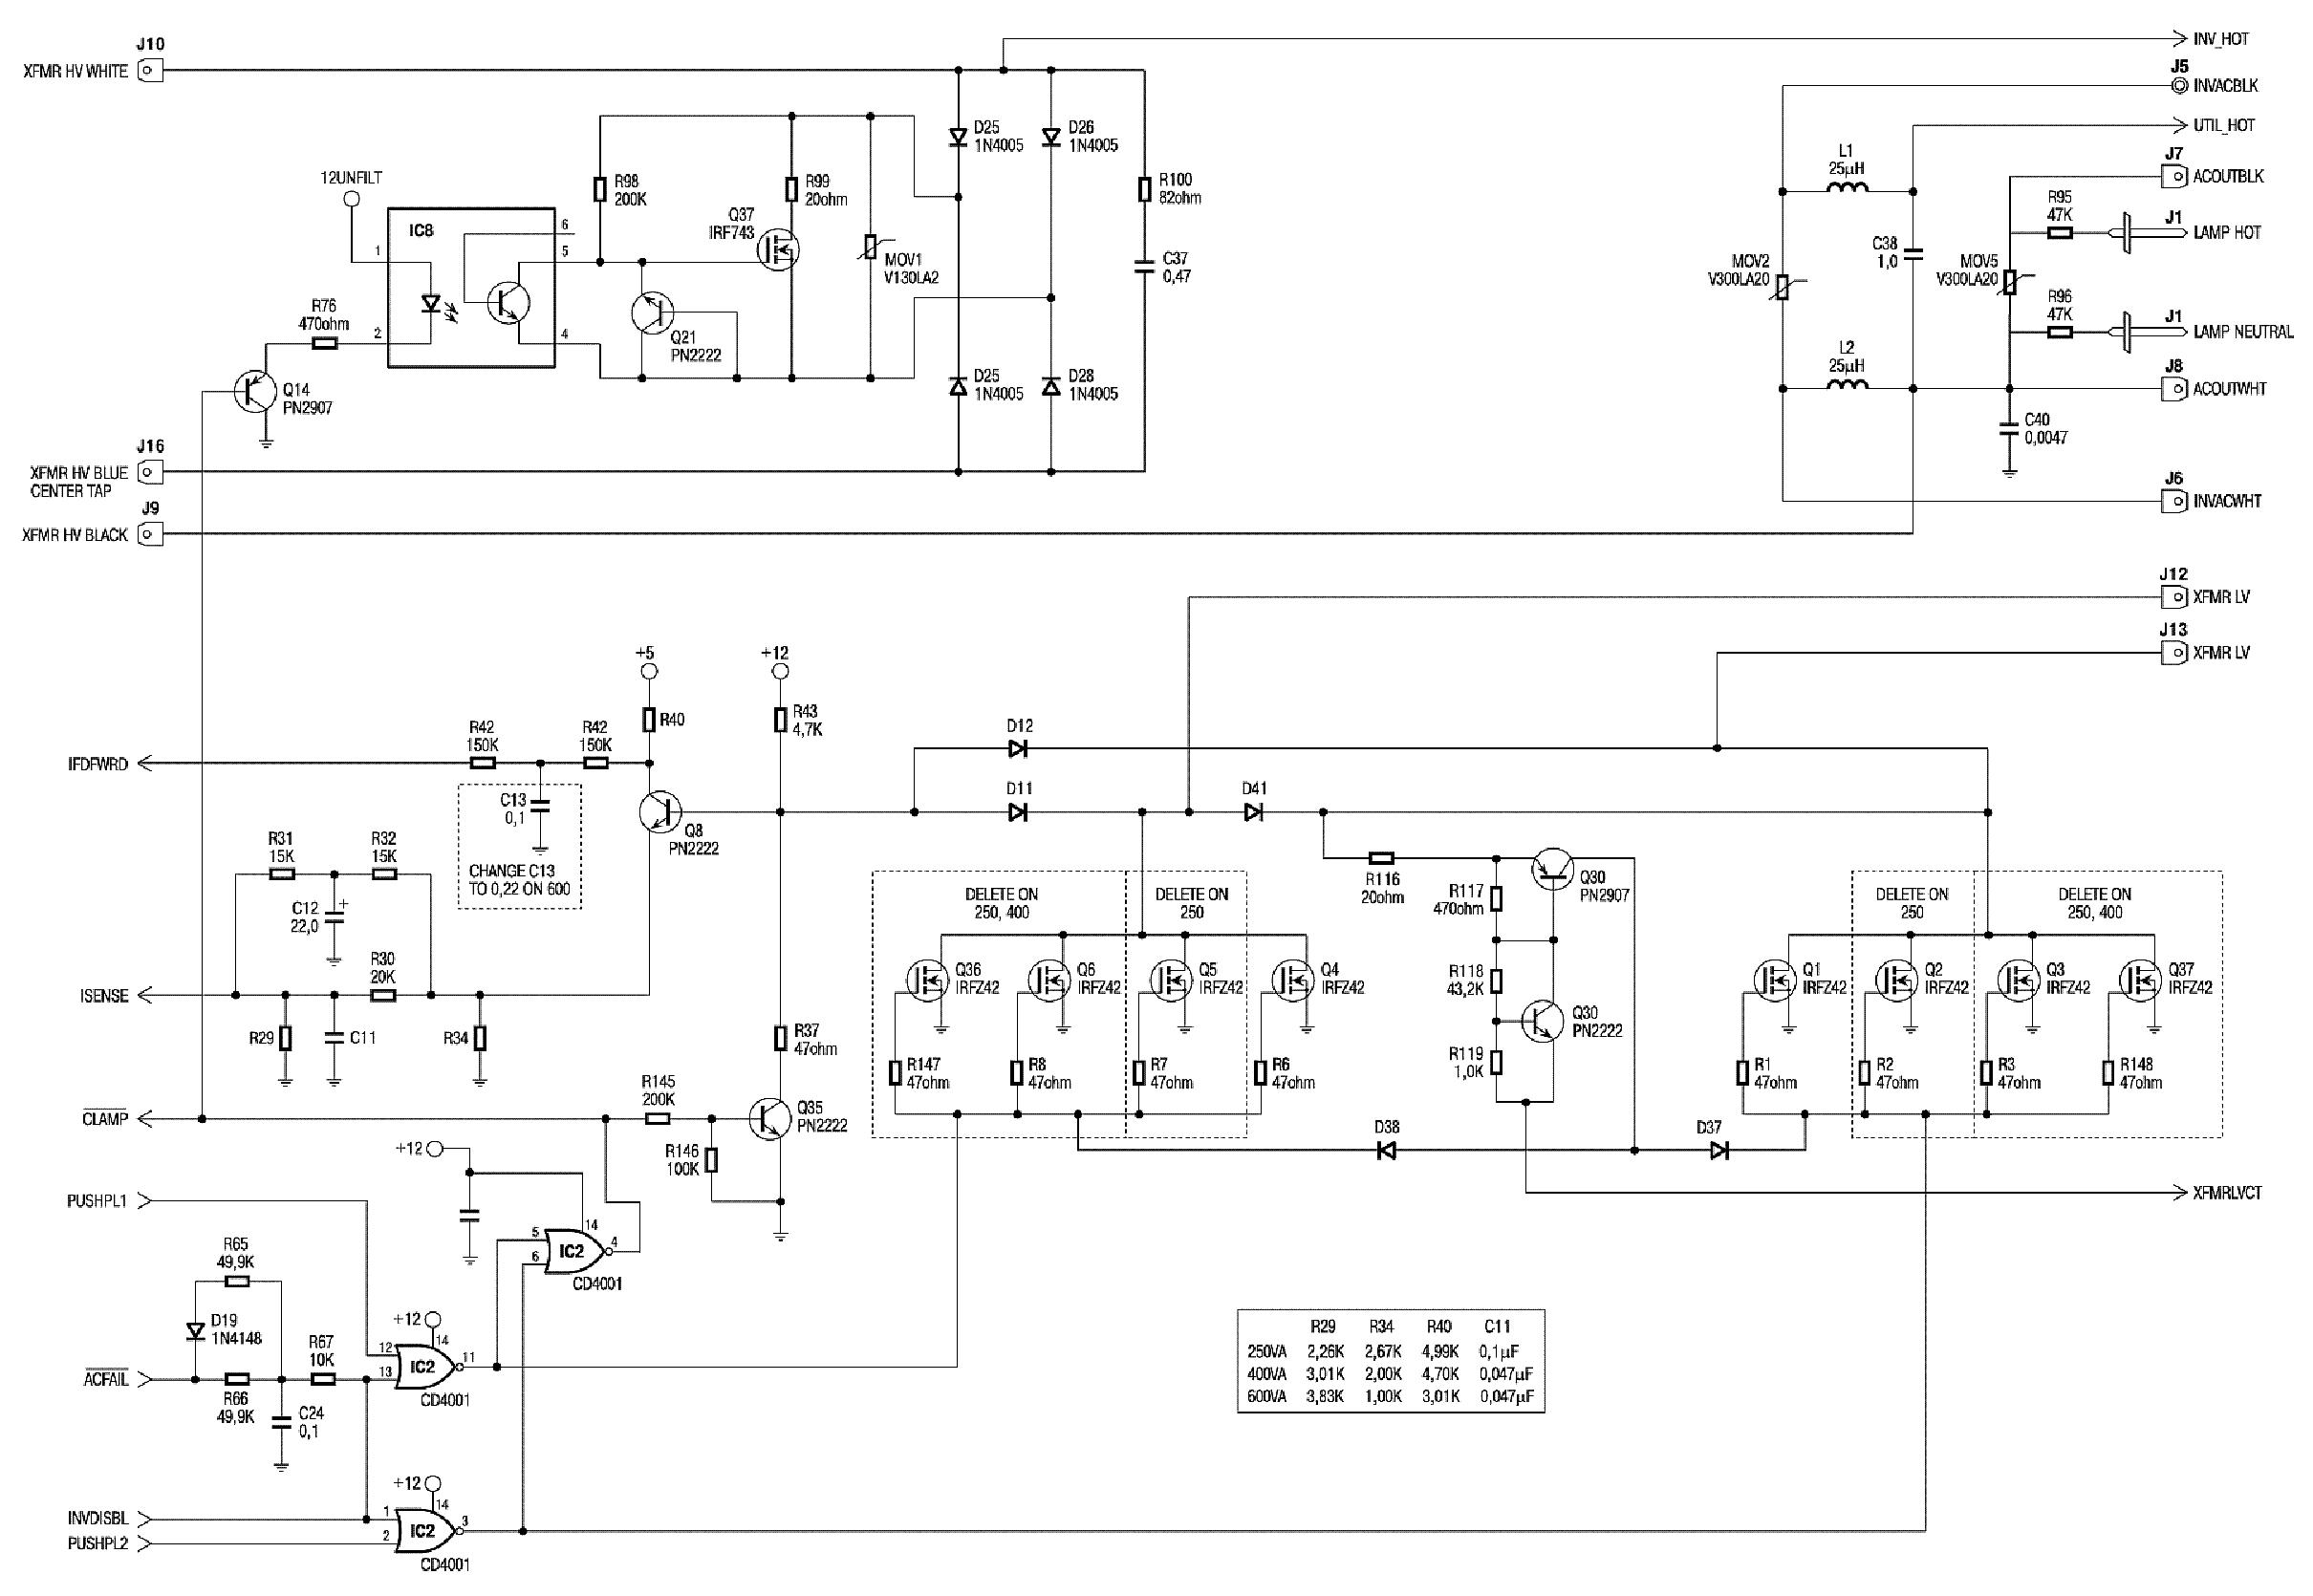 DIAGRAM] For A Apc Ups Schematic Diagram 1000xl FULL Version HD Quality Diagram  1000xl - SENSORDIAGRAMS.COMUNITAMONTANAALTOMOLISE.ITcomunitamontanaaltomolise.it